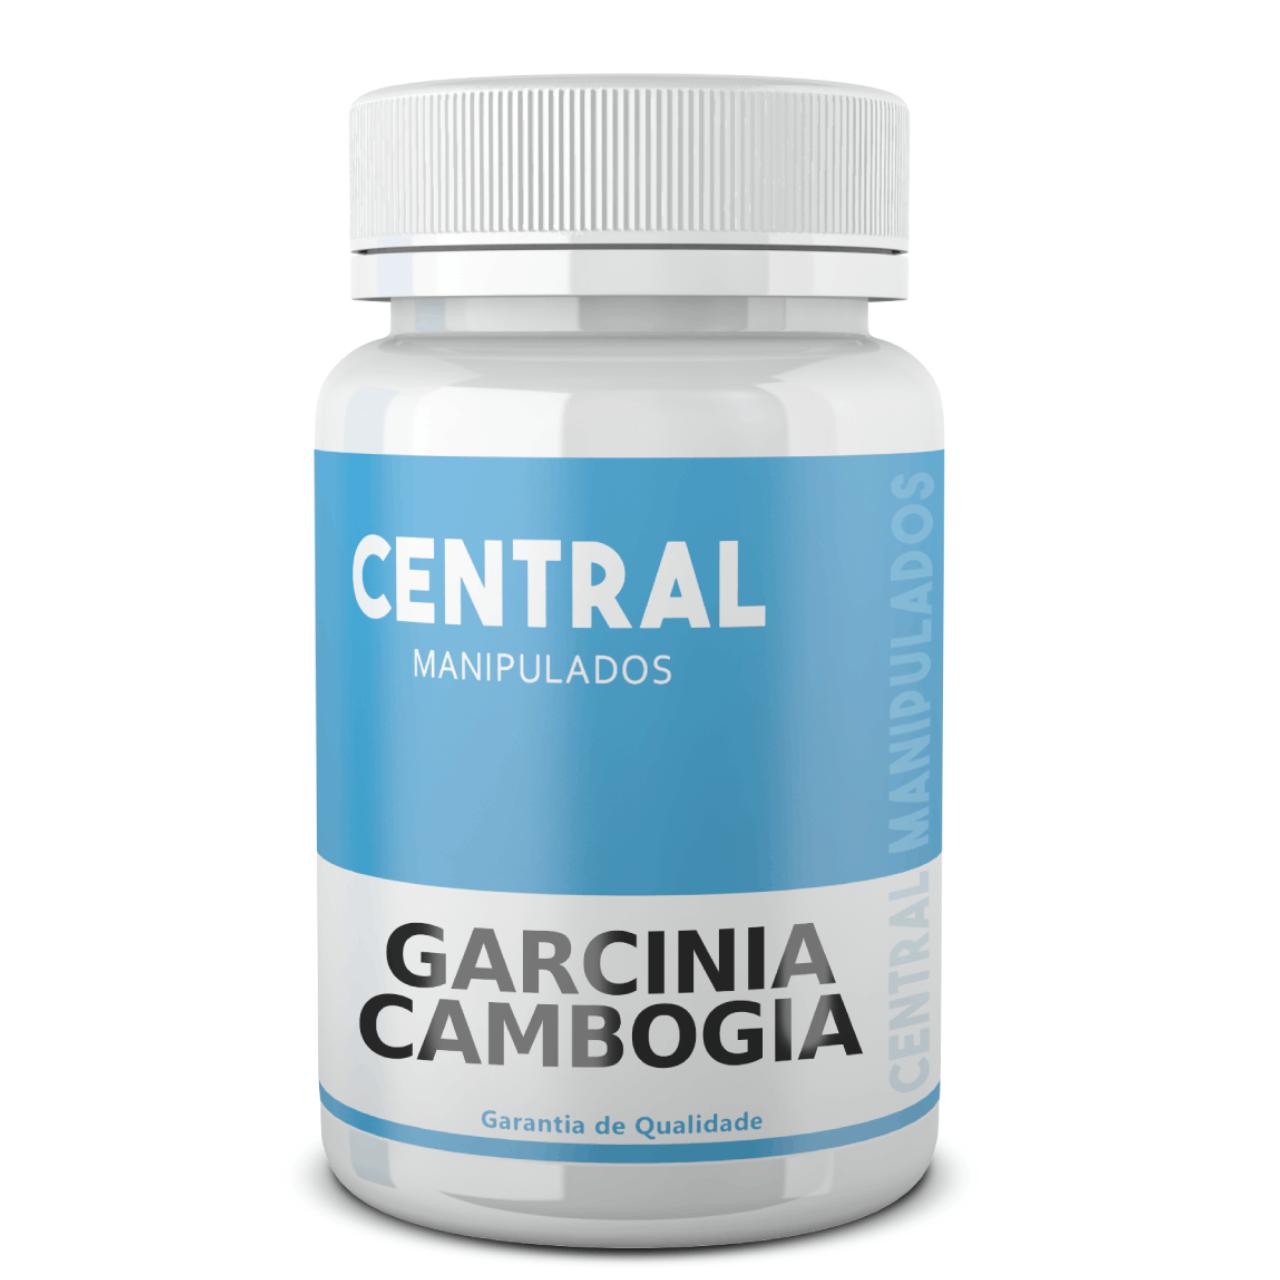 Garcinia Cambogia 500mg - 60 cápsulas - Auxílio na Redução de Medidas e Gerenciamento do Peso